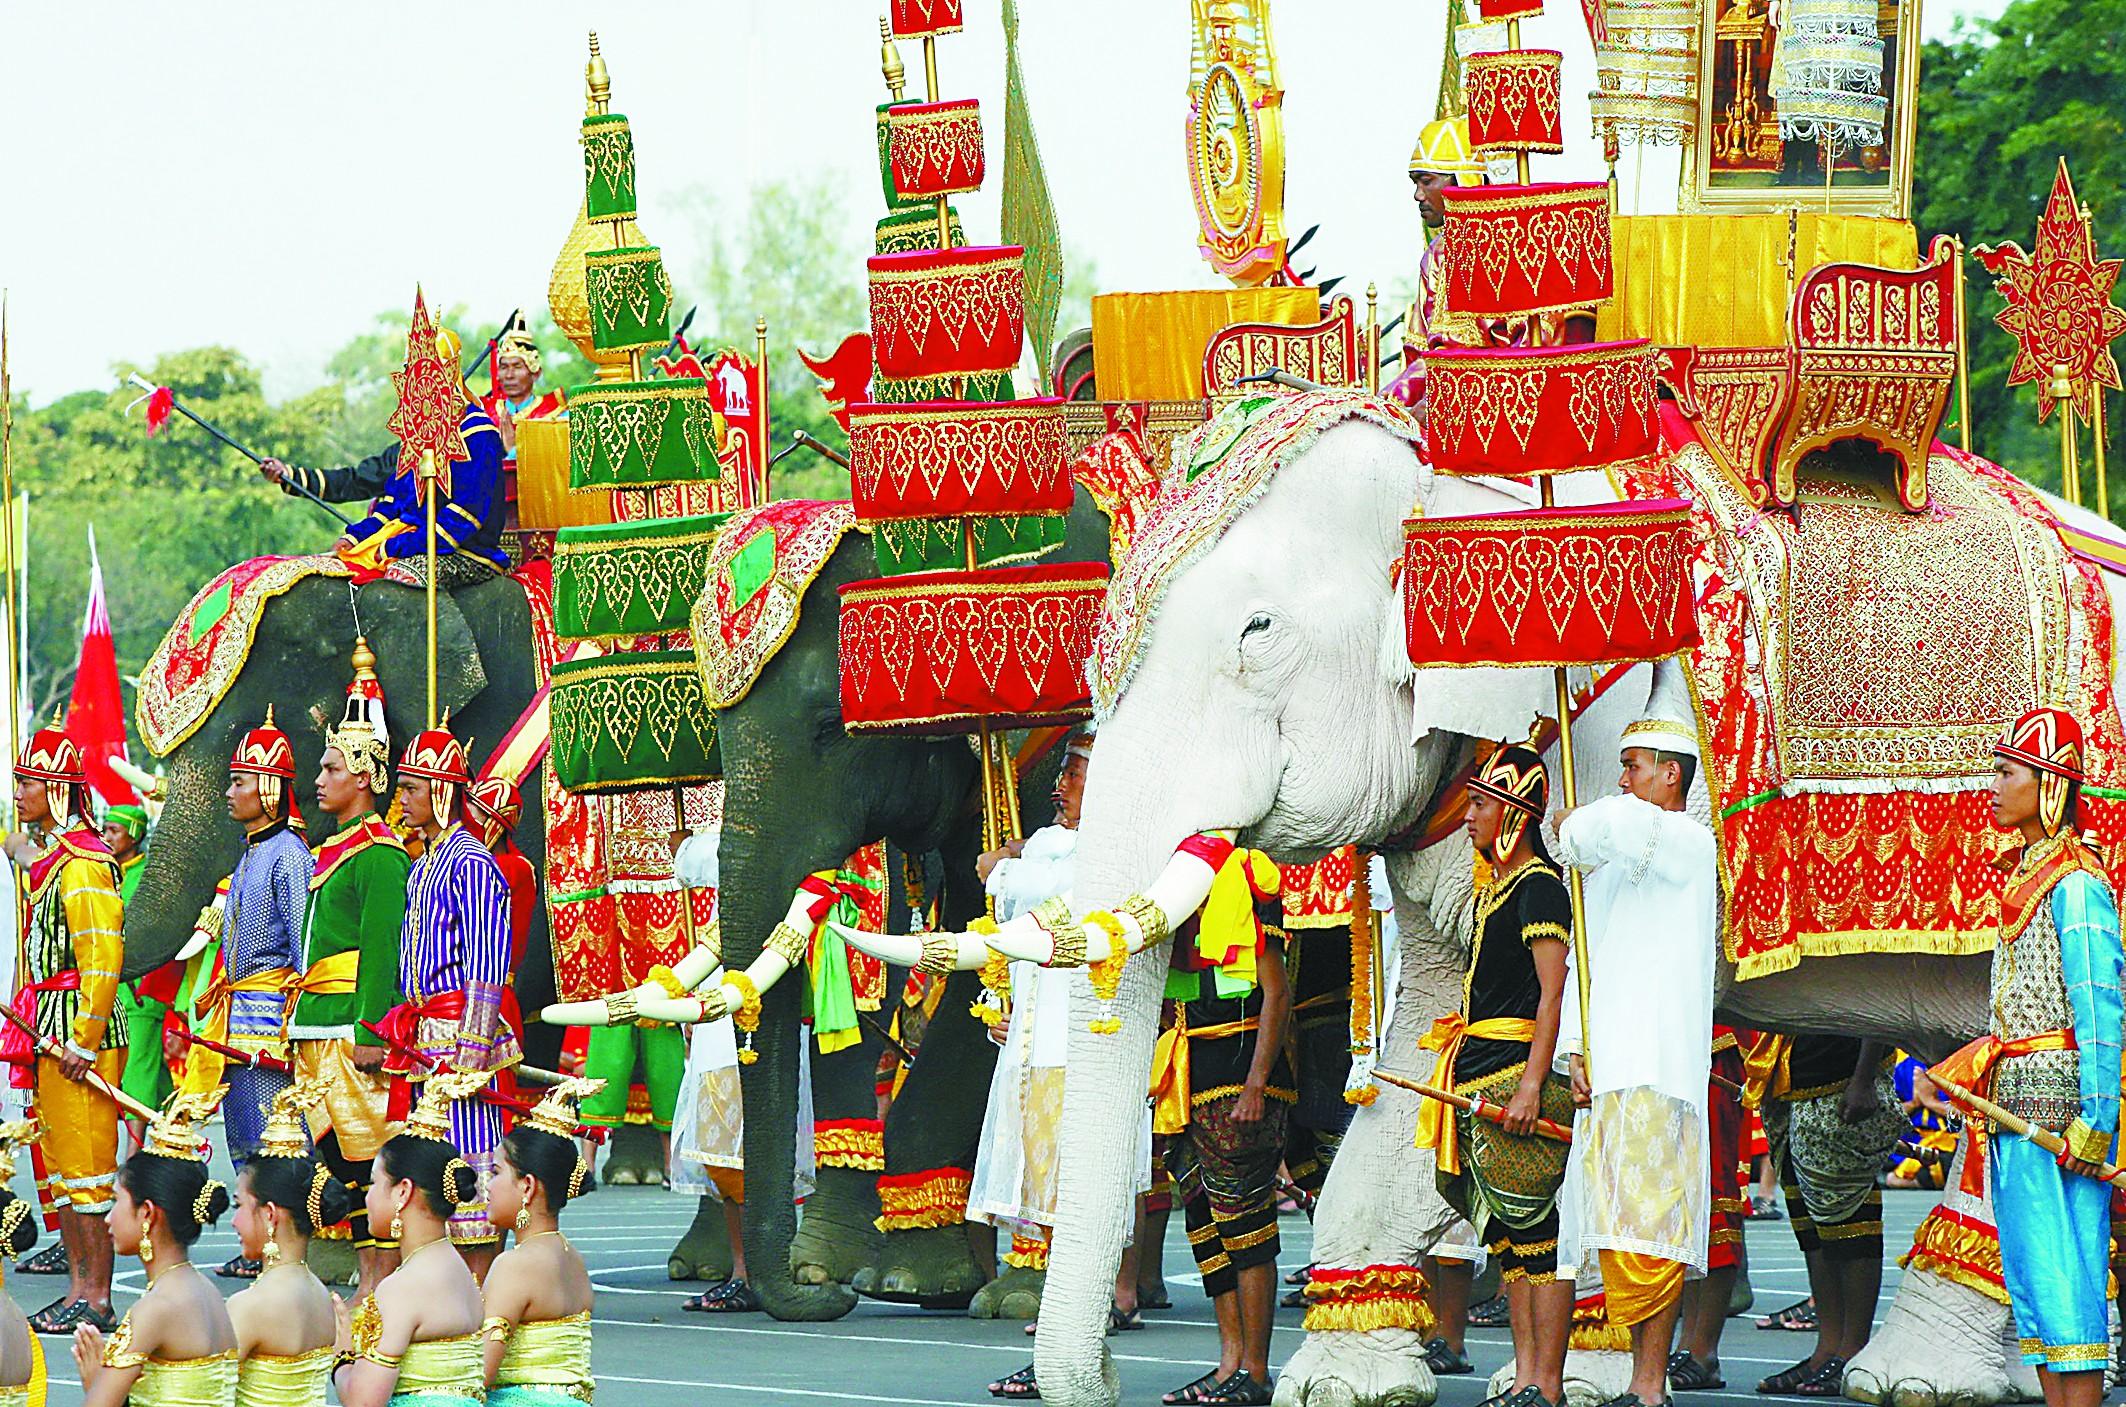 泰国视白象为镇国瑞兽